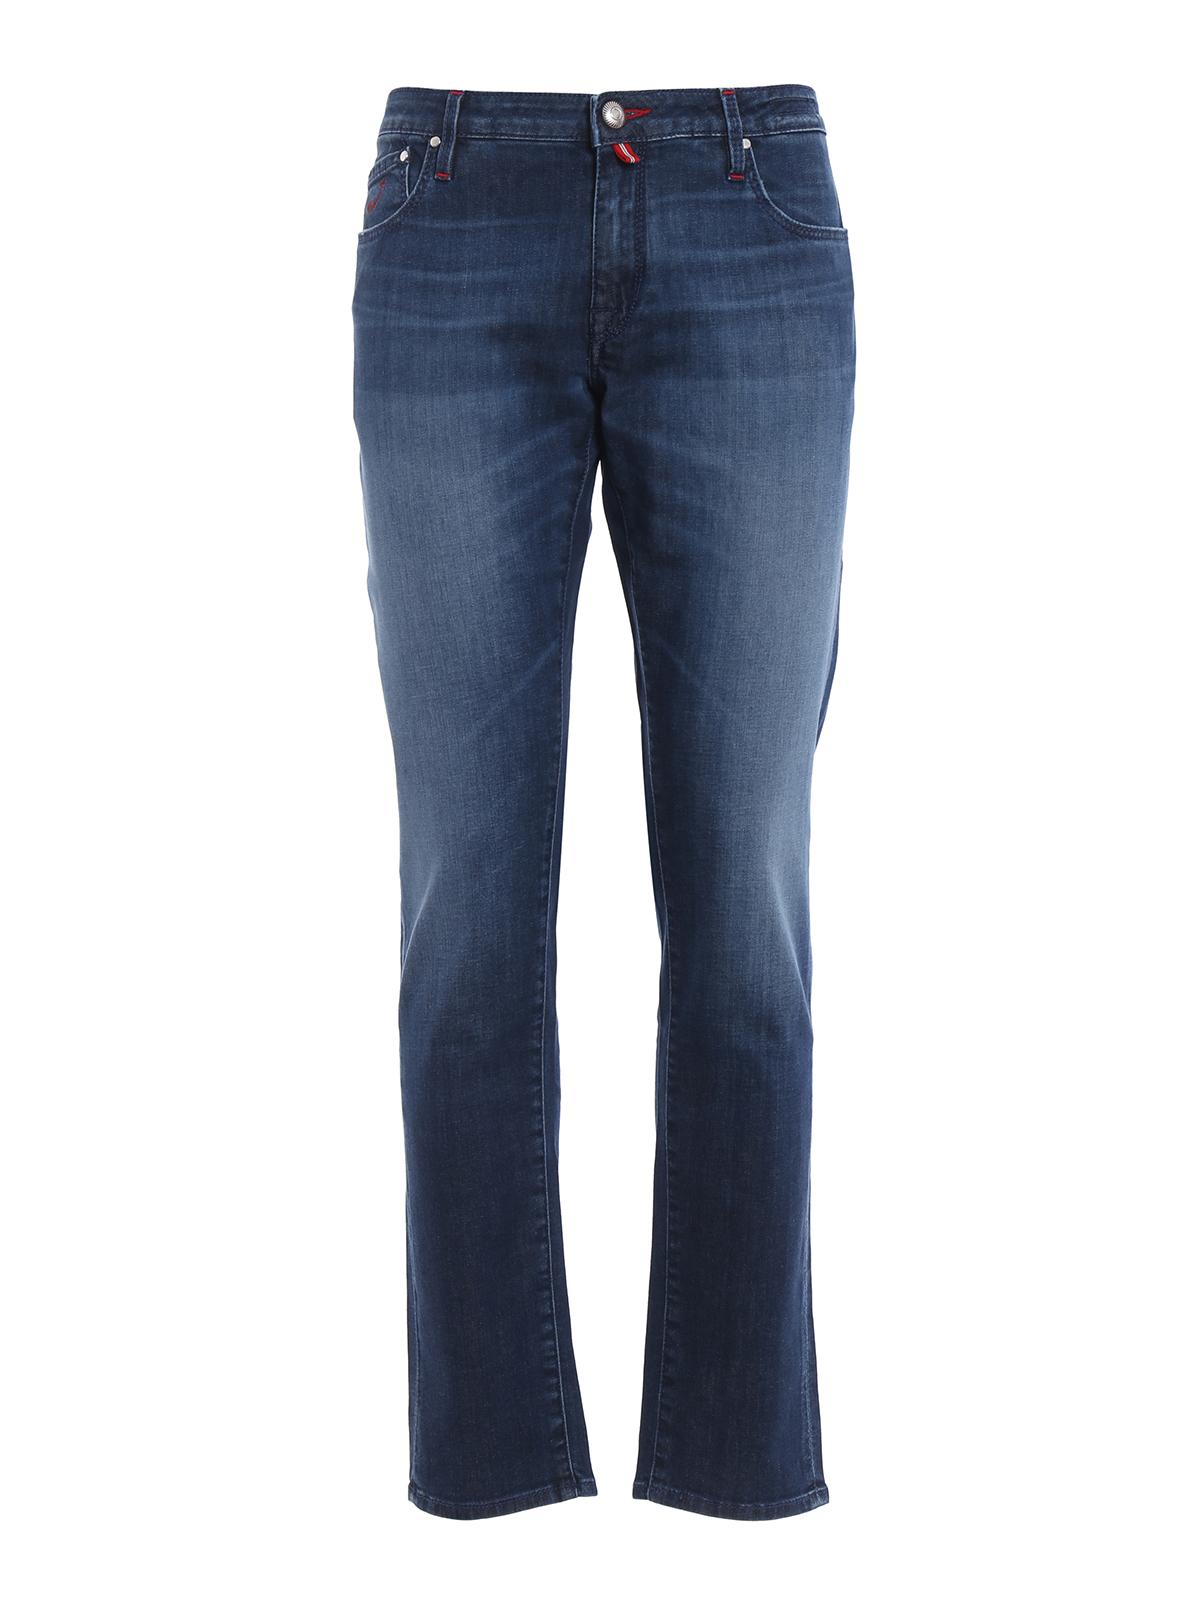 N 3 wash denim five pocket jeans by jacob cohen straight - Jacob cohen denim ...